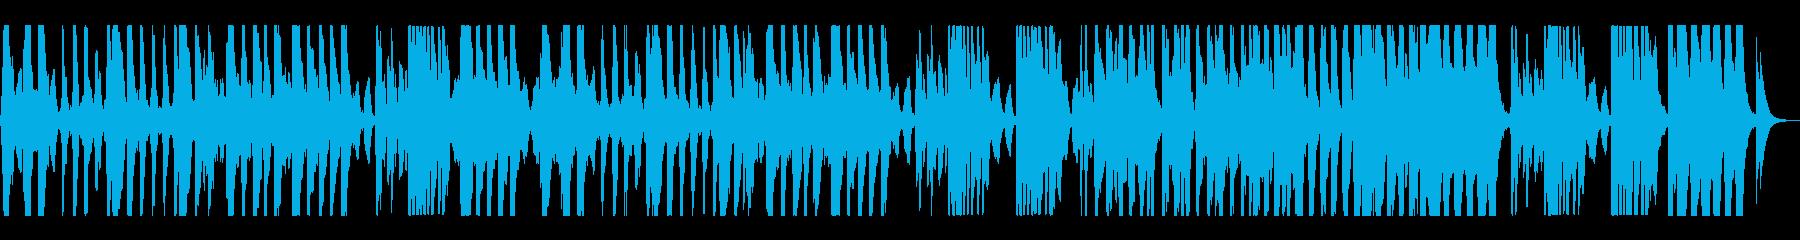 クラシック交響曲 アンビエントミュ...の再生済みの波形